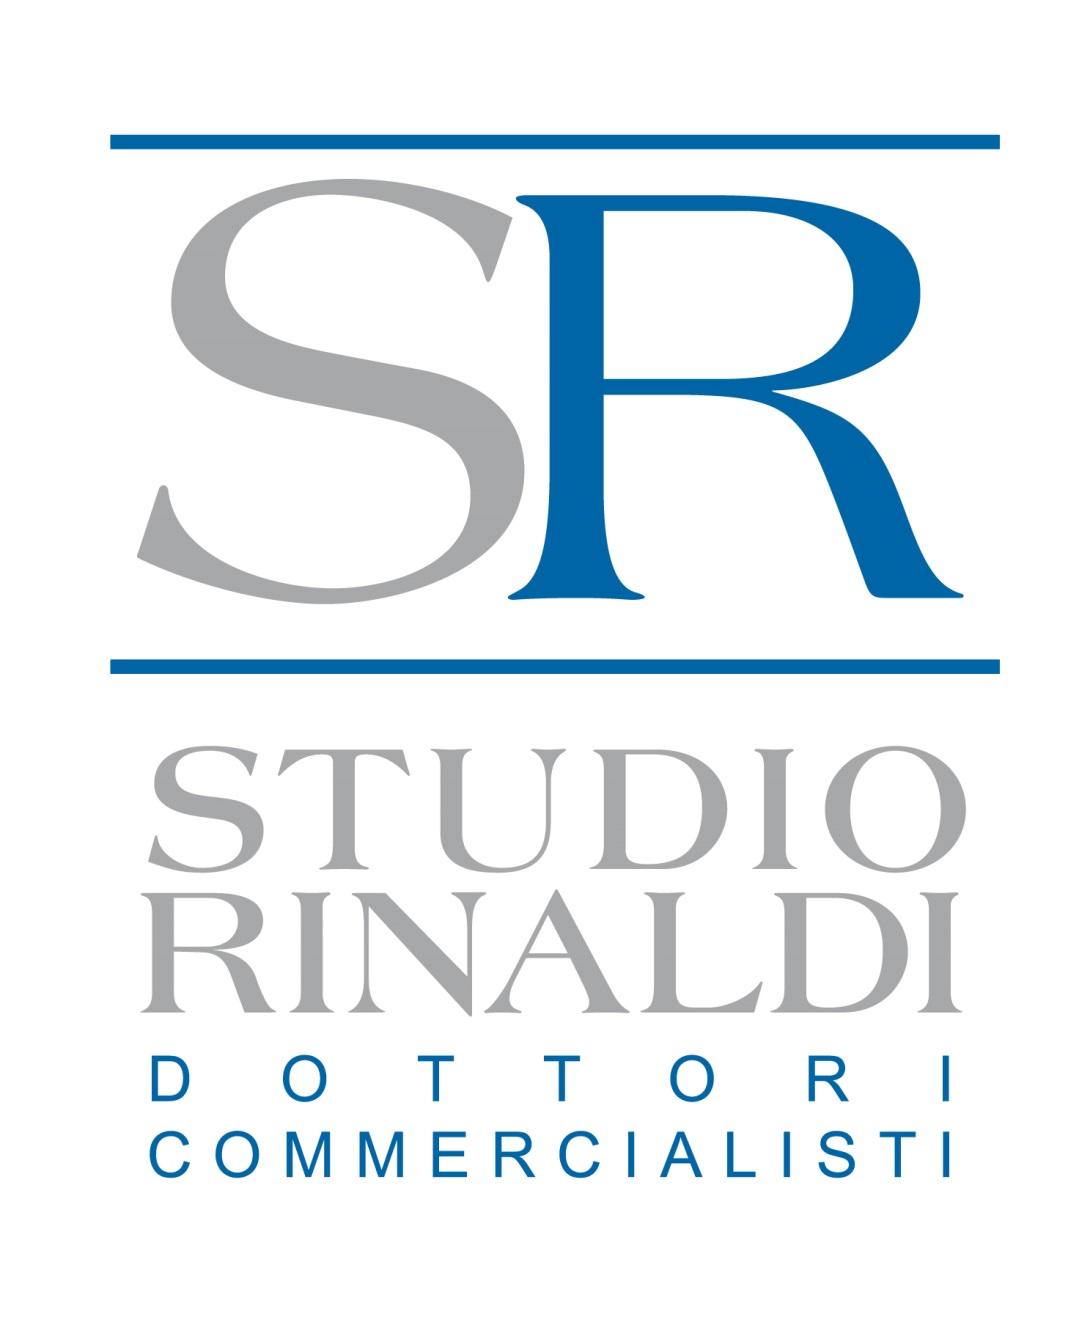 STUDIO RINALDI DOTTORI COMMERCIALISTI